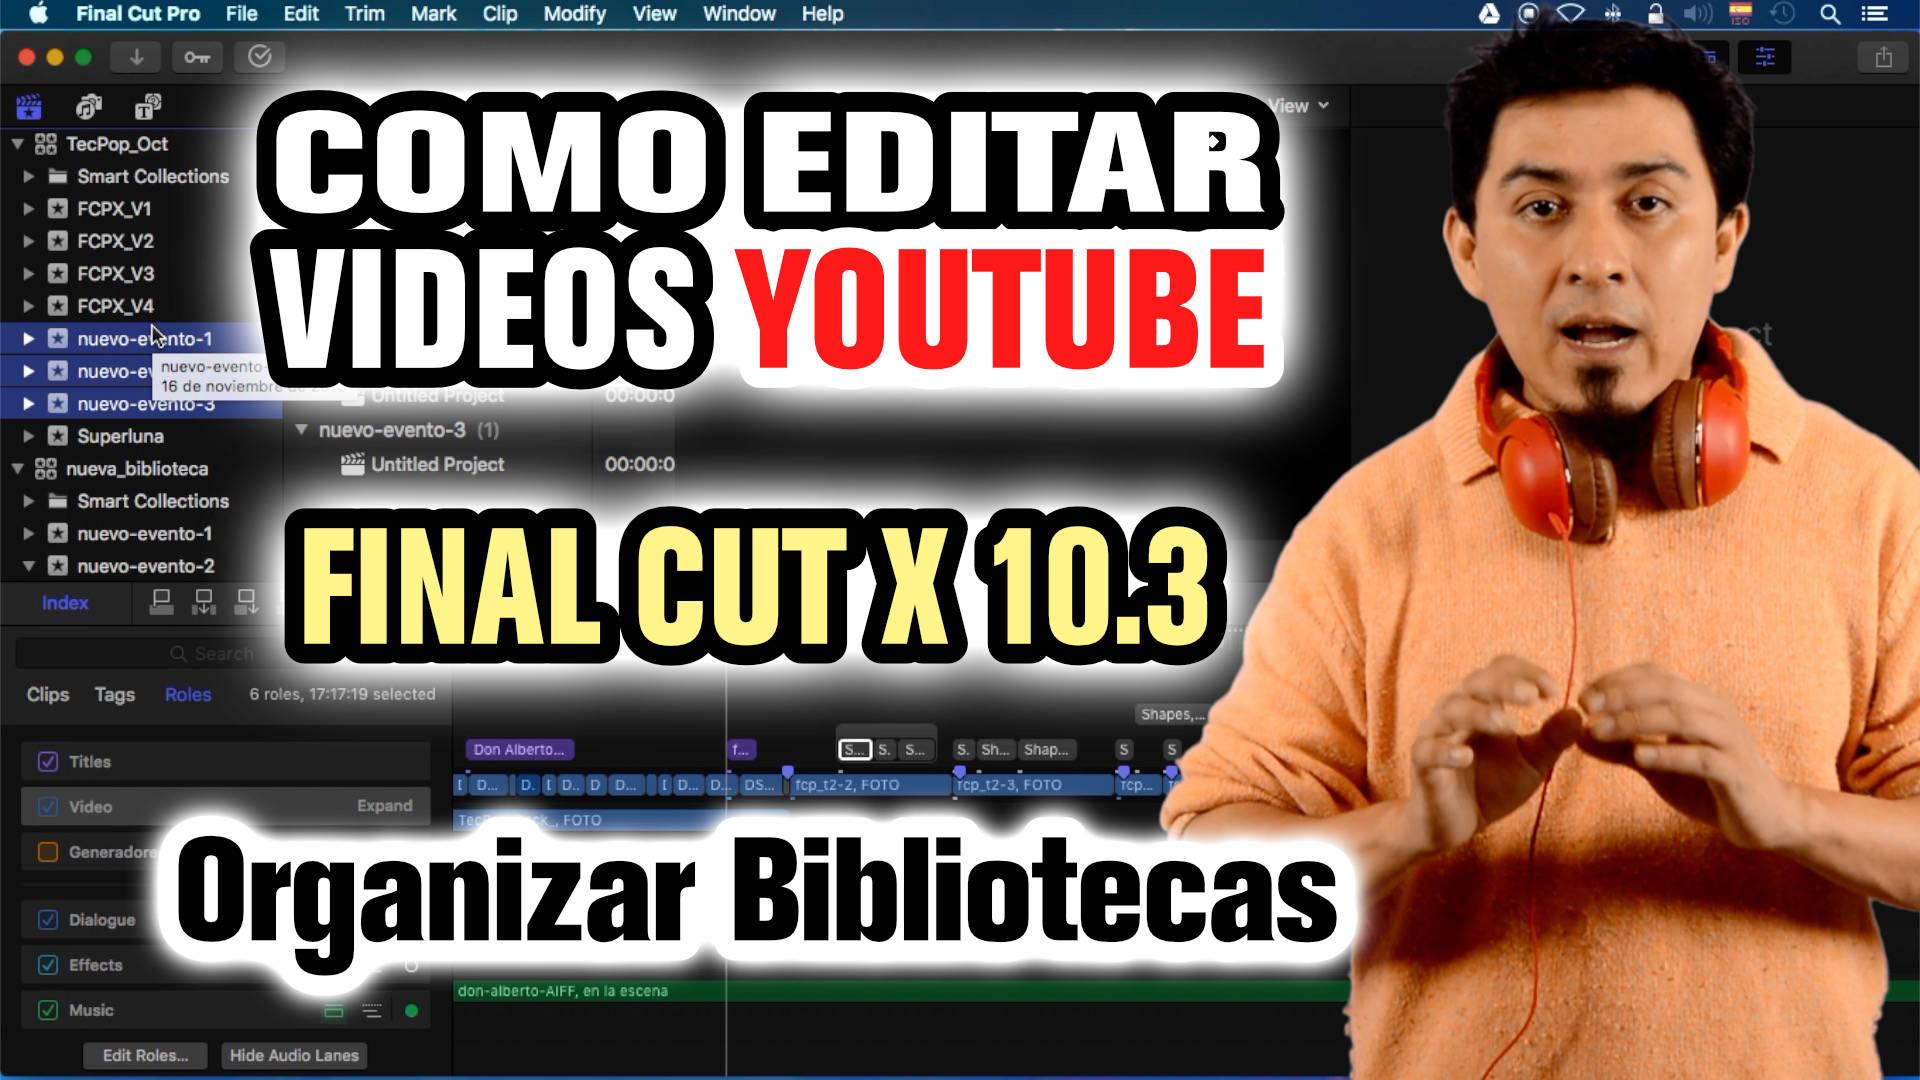 Como funcionan las Bibliotecas de Final Cut X 10.3 [VIDEO]